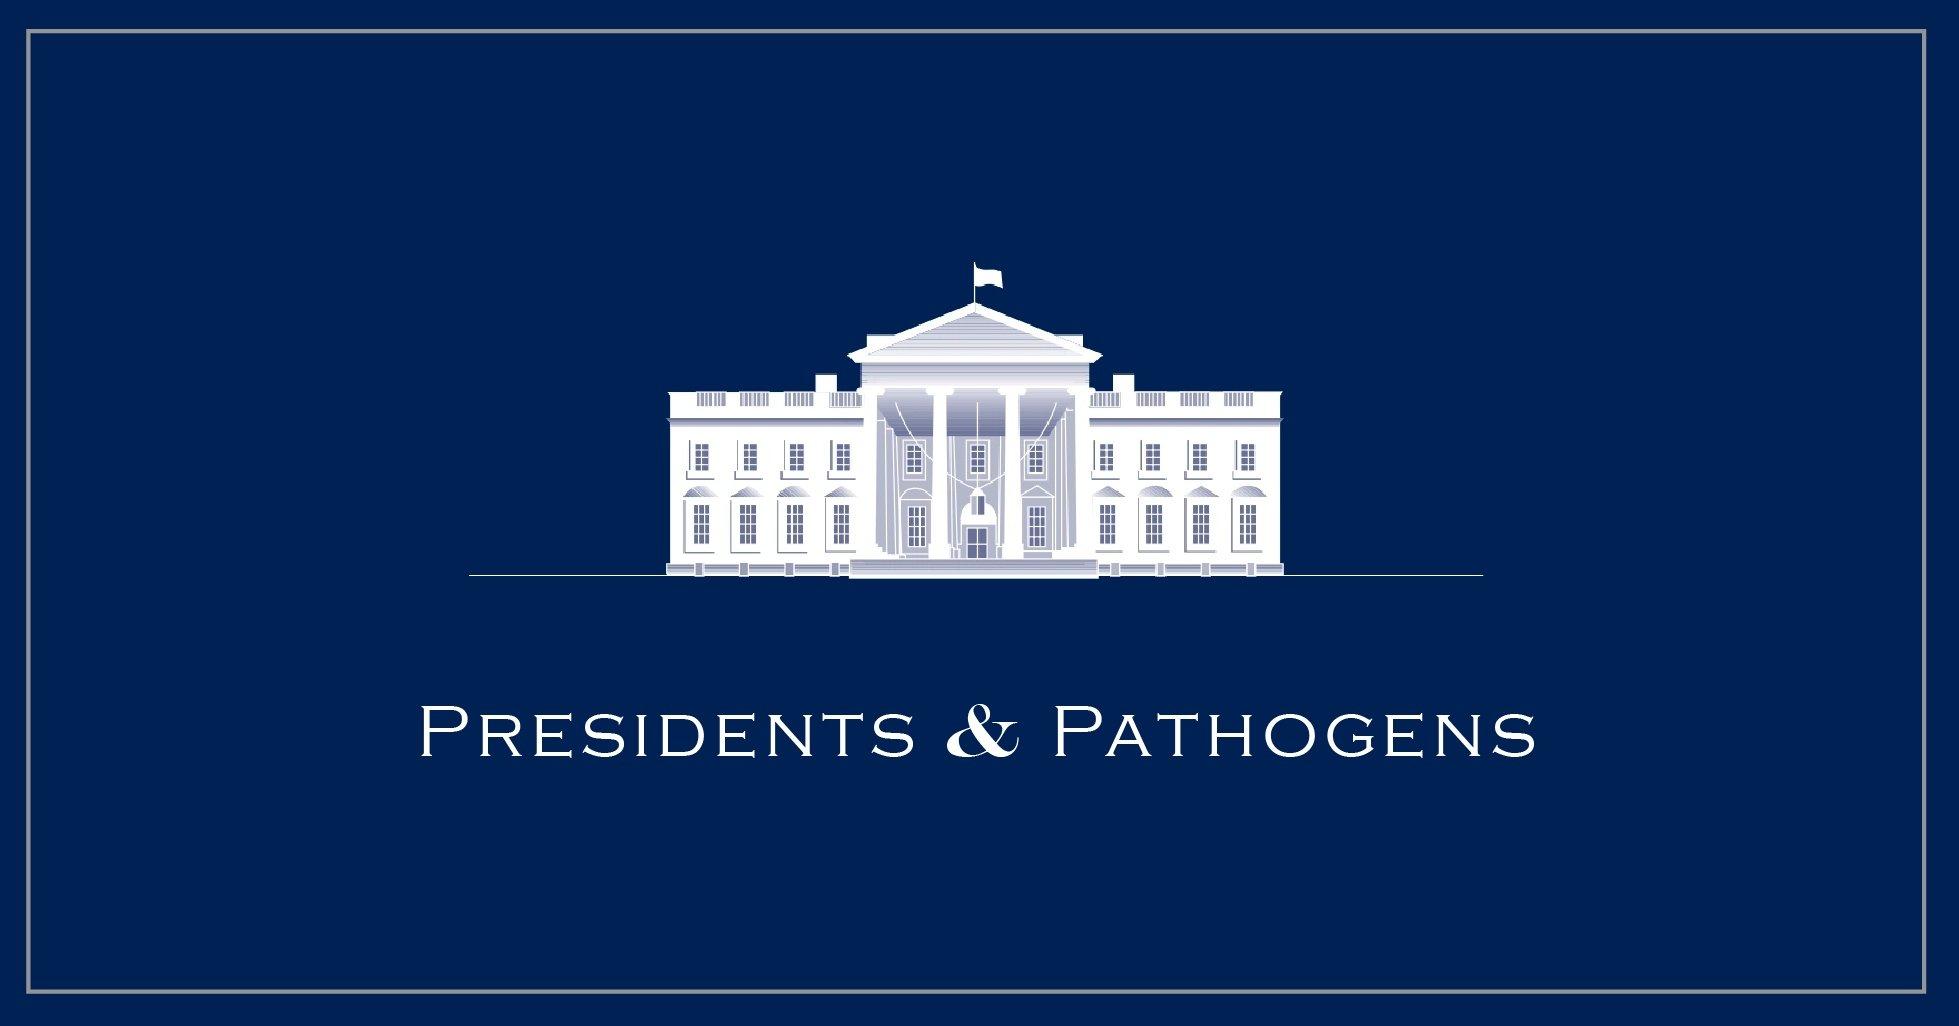 Presidential Pathogens-01.jpg